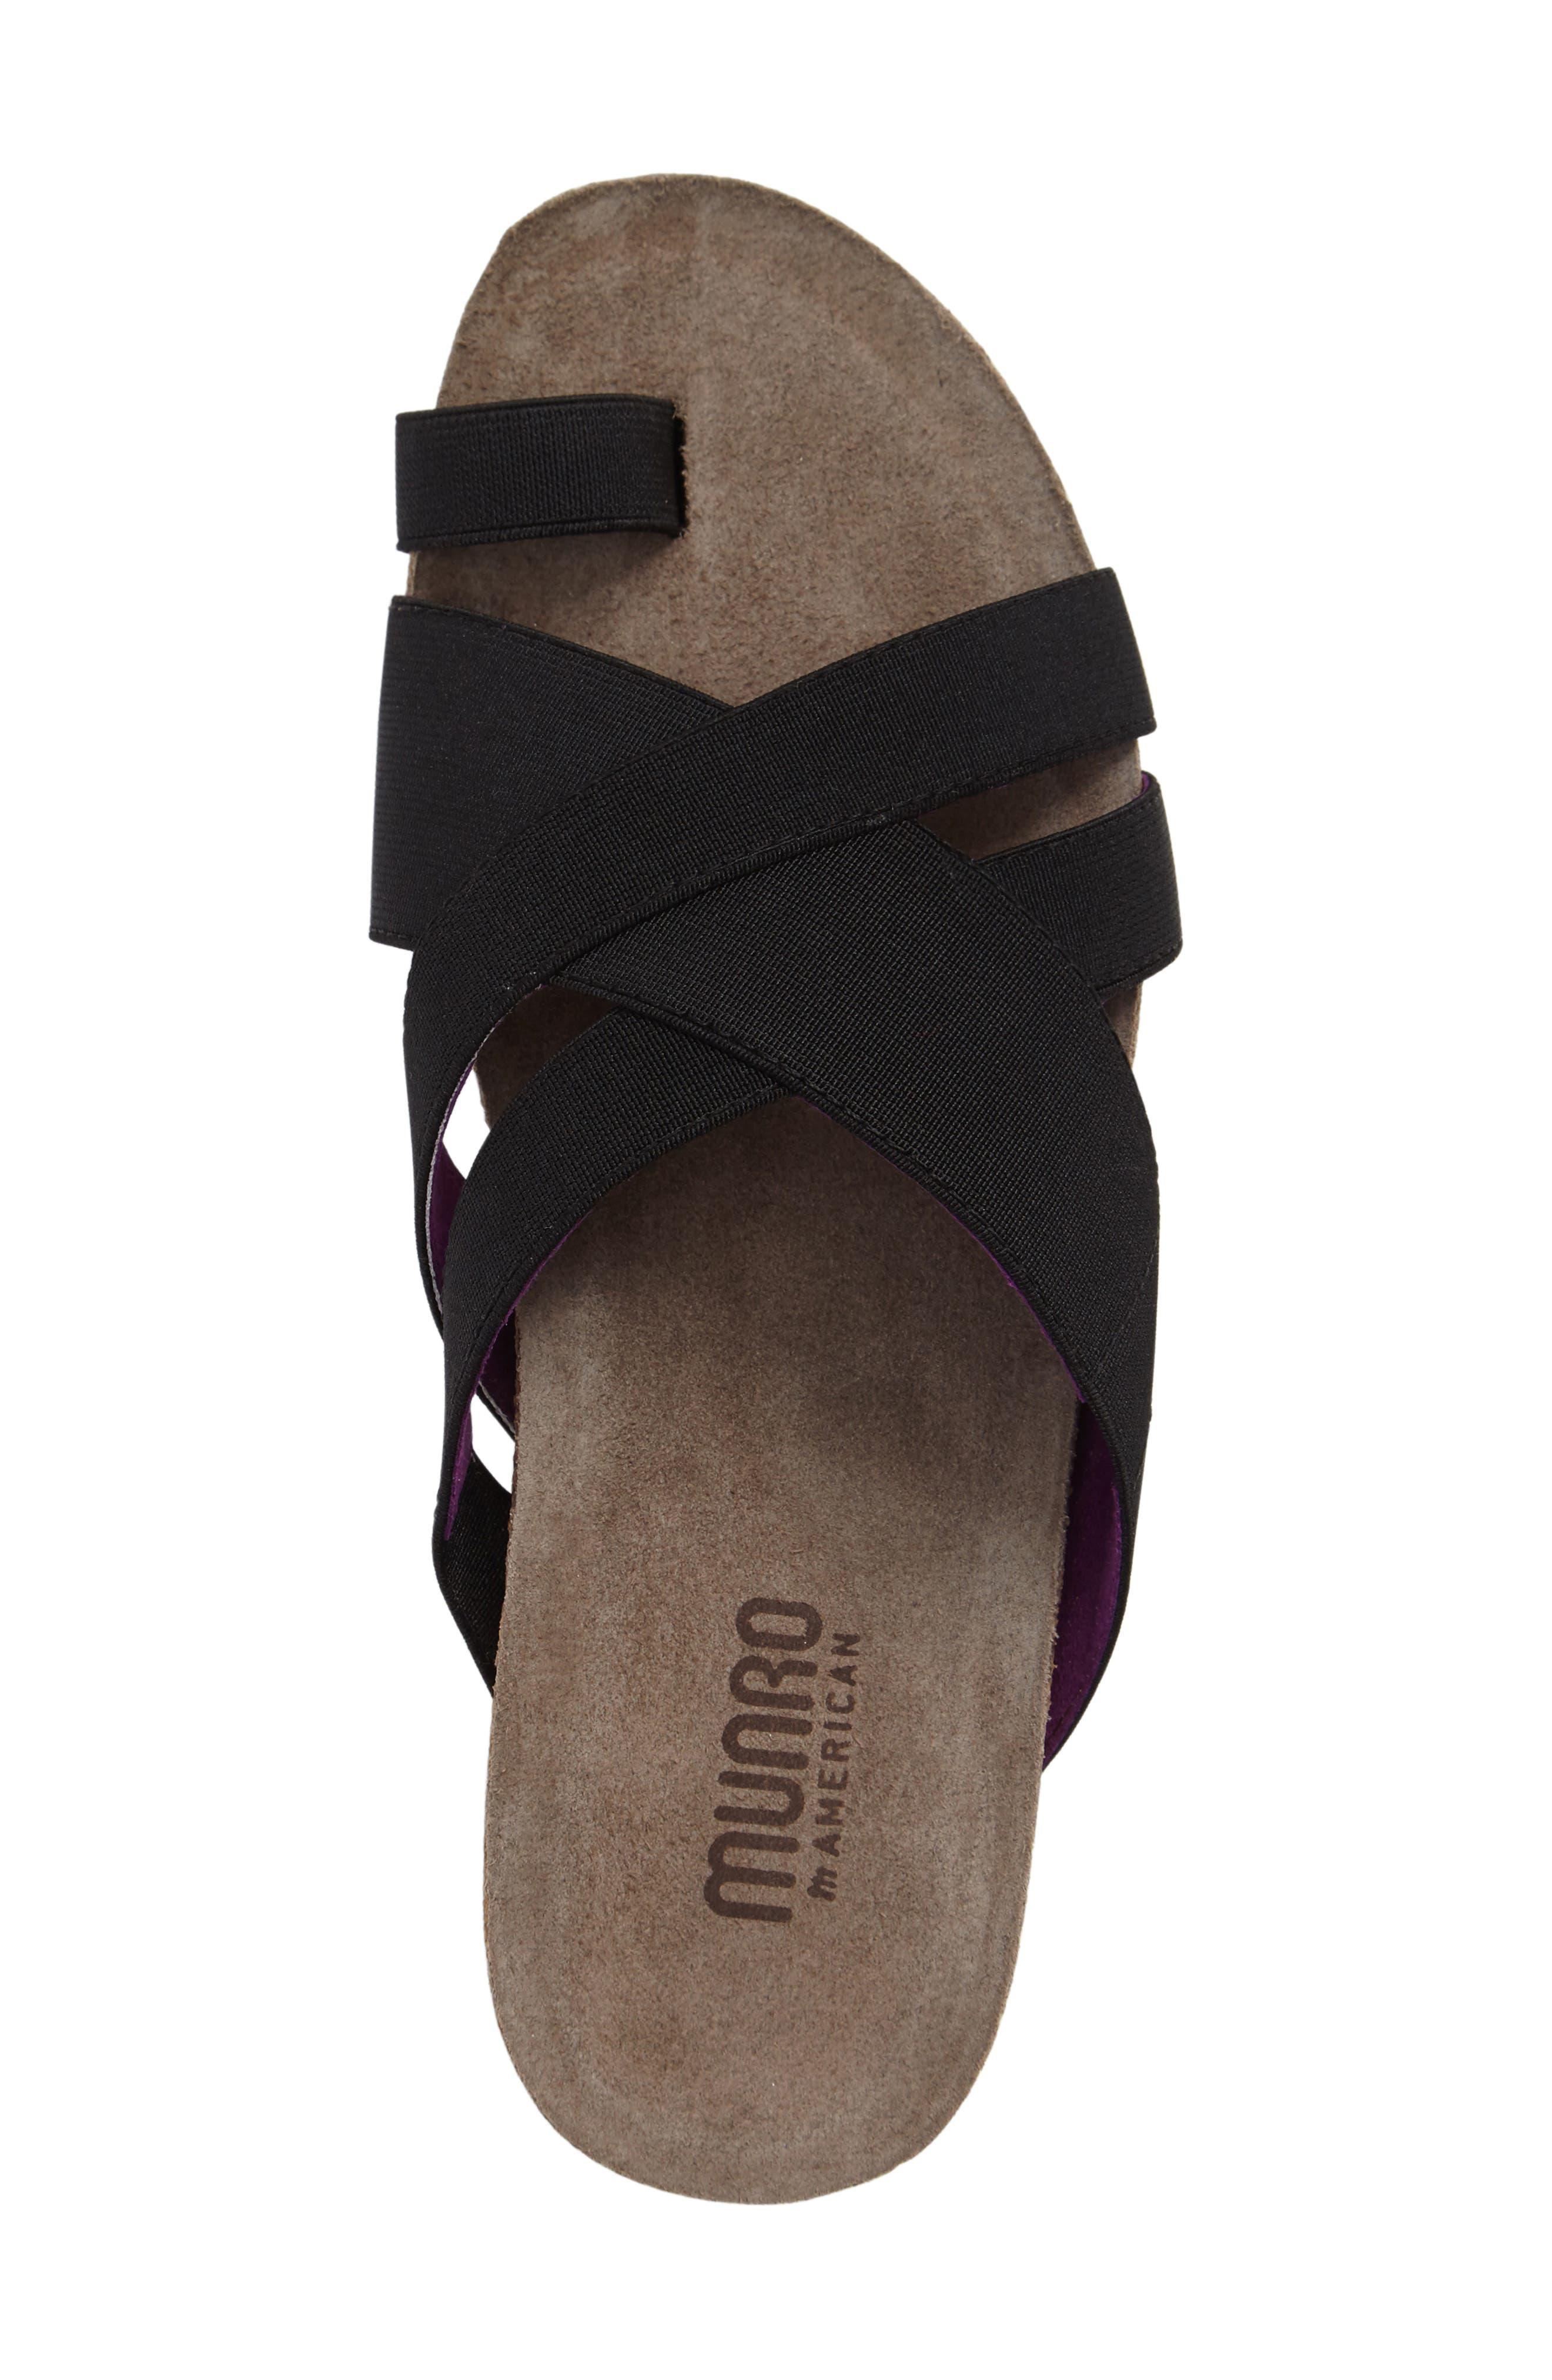 Delphi Slide Sandal,                             Alternate thumbnail 3, color,                             001